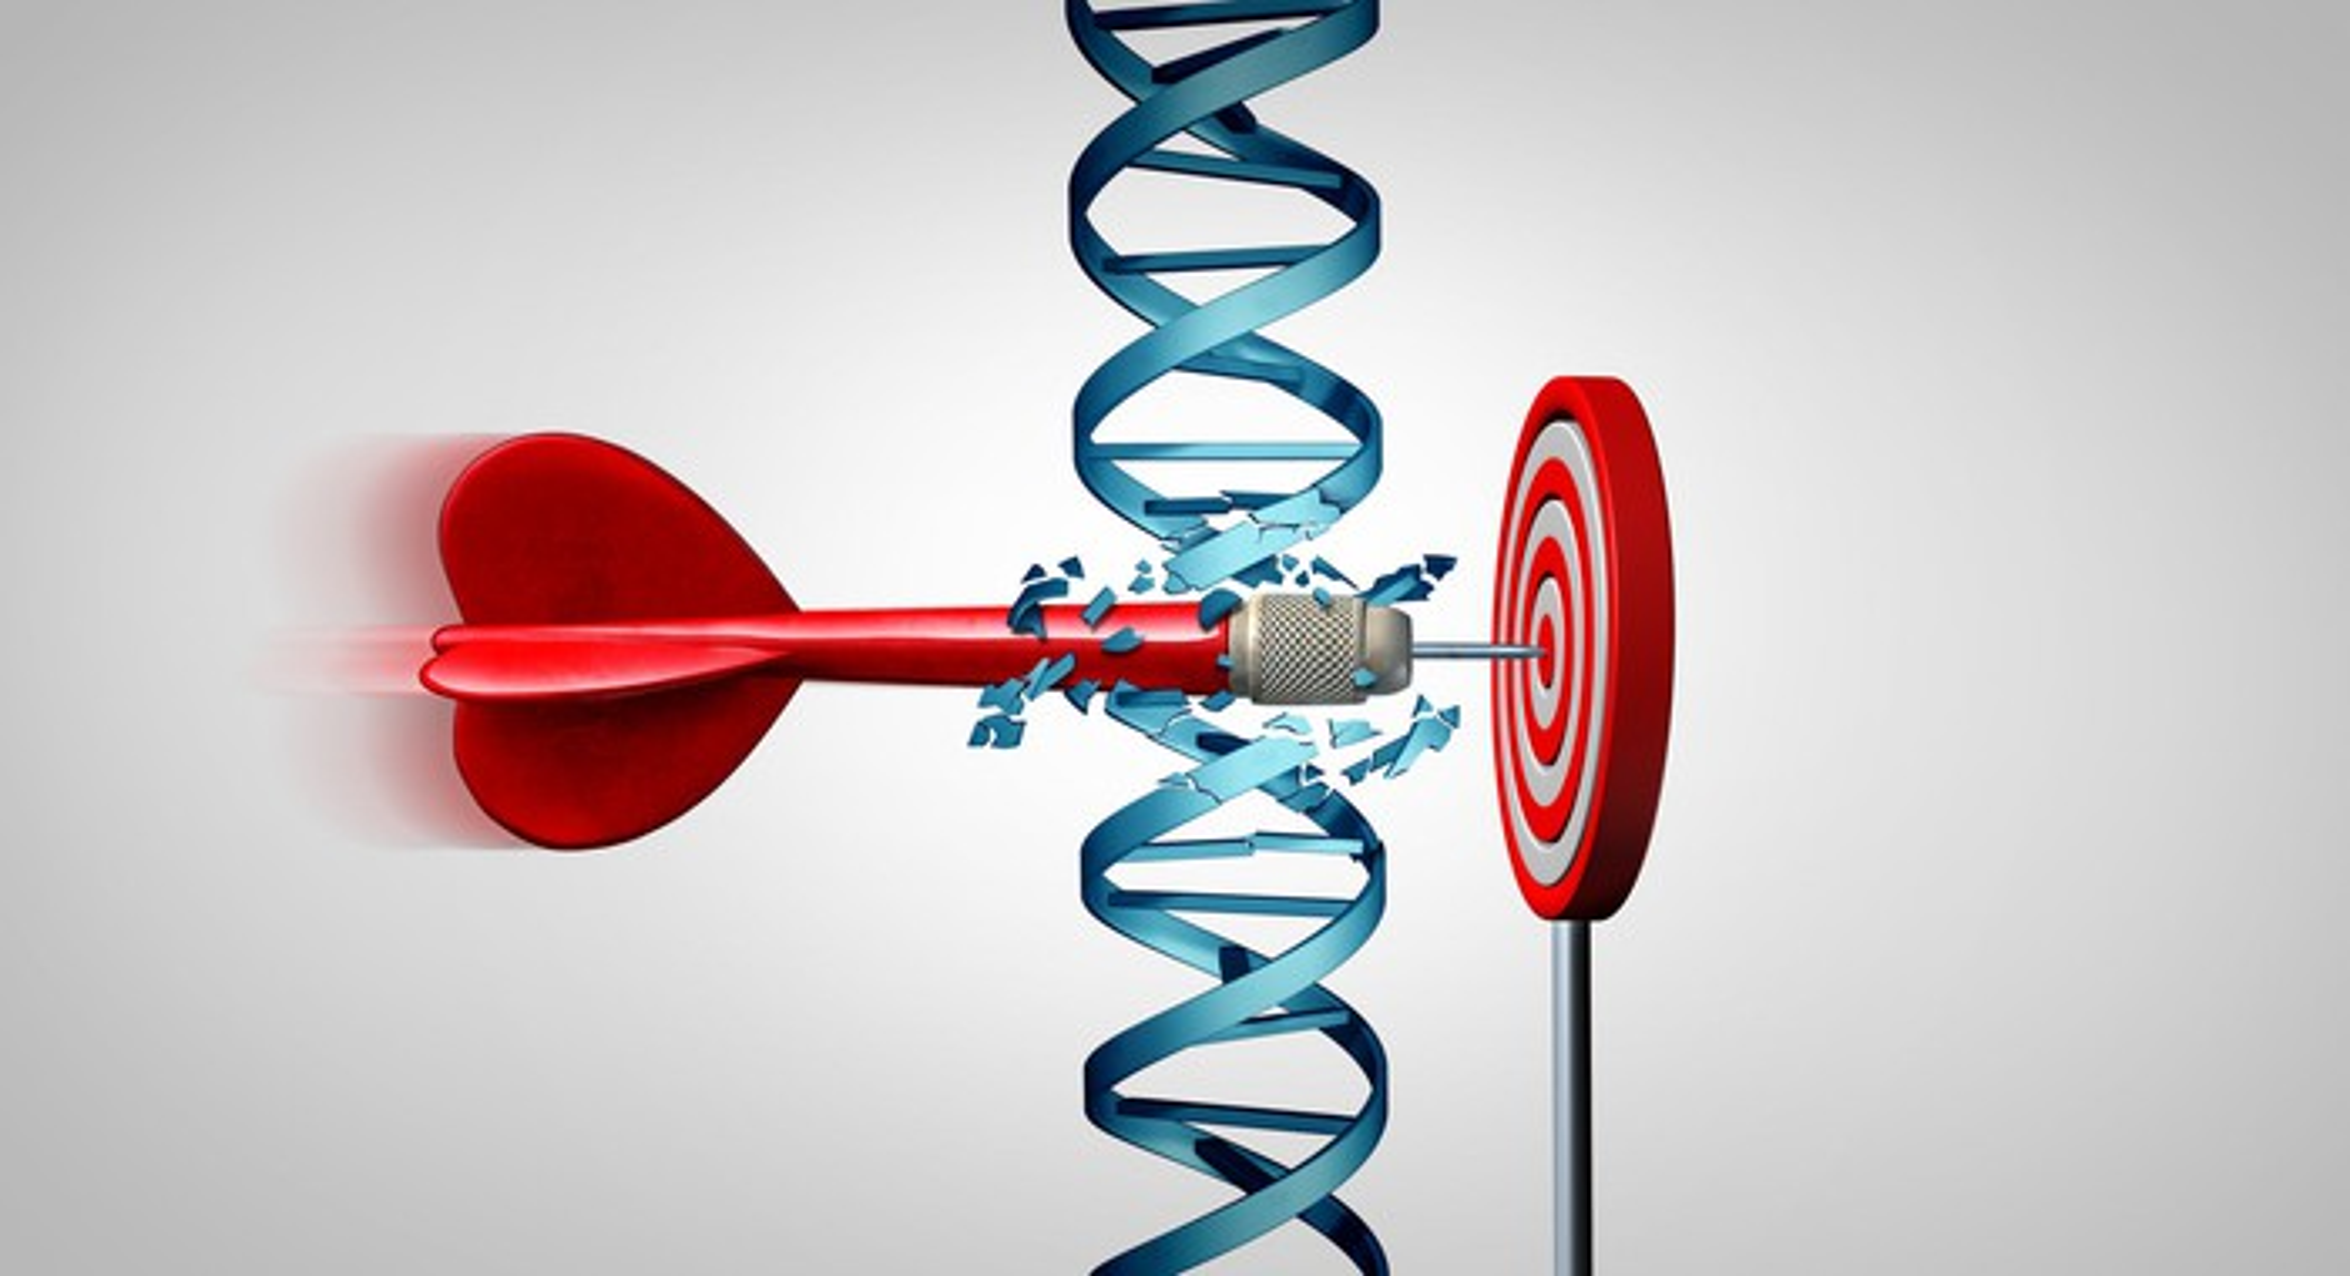 A dart going through a DNA helix and hitting bullseye.